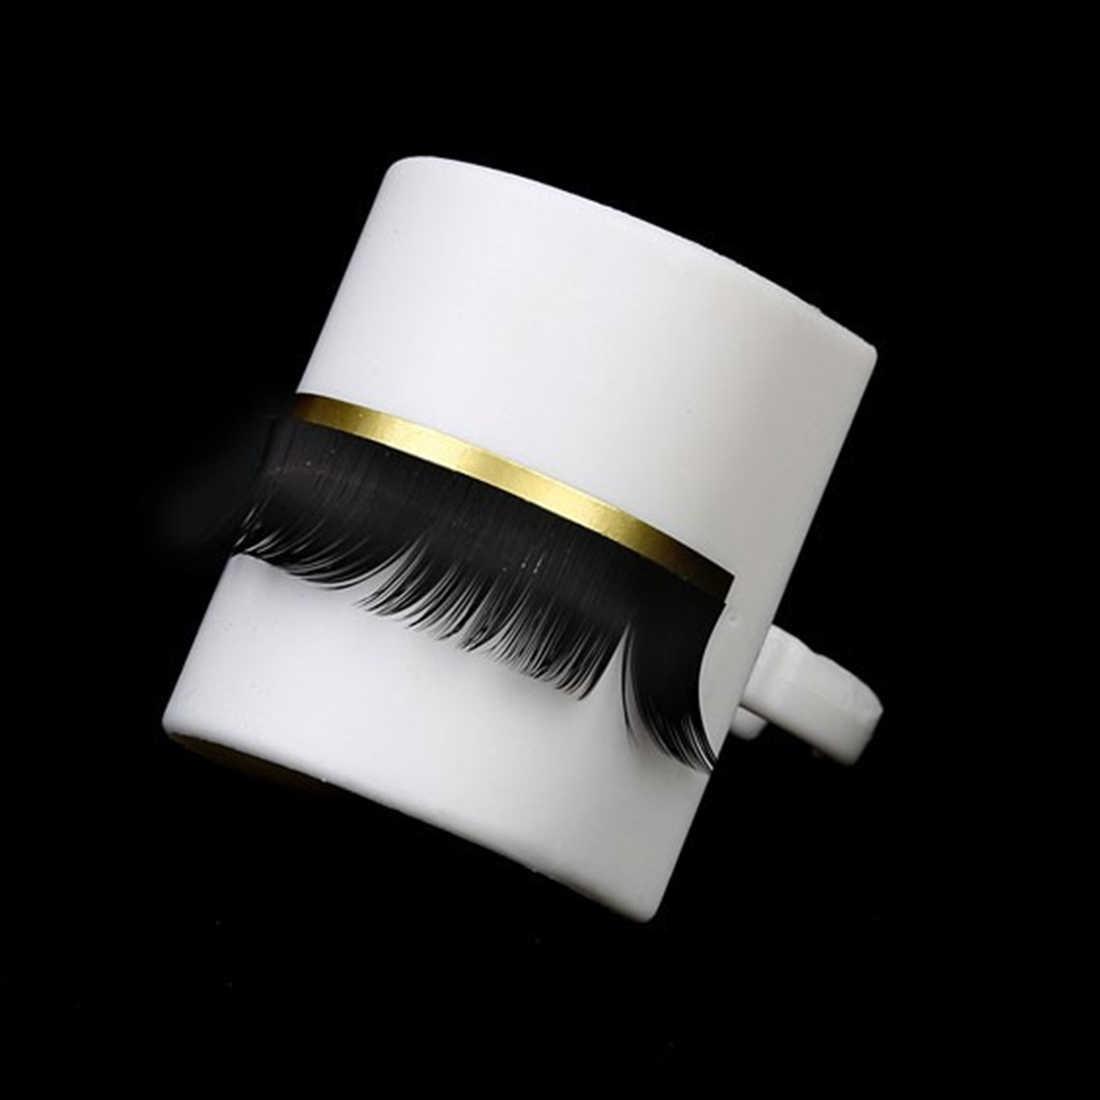 Клей отдельный макияж ресниц инструмент 1 шт. индивидуальный Набор накладных ресниц u-образный удлинитель для ресниц кольцо для наклеивания держатель палитры кольцо держатель